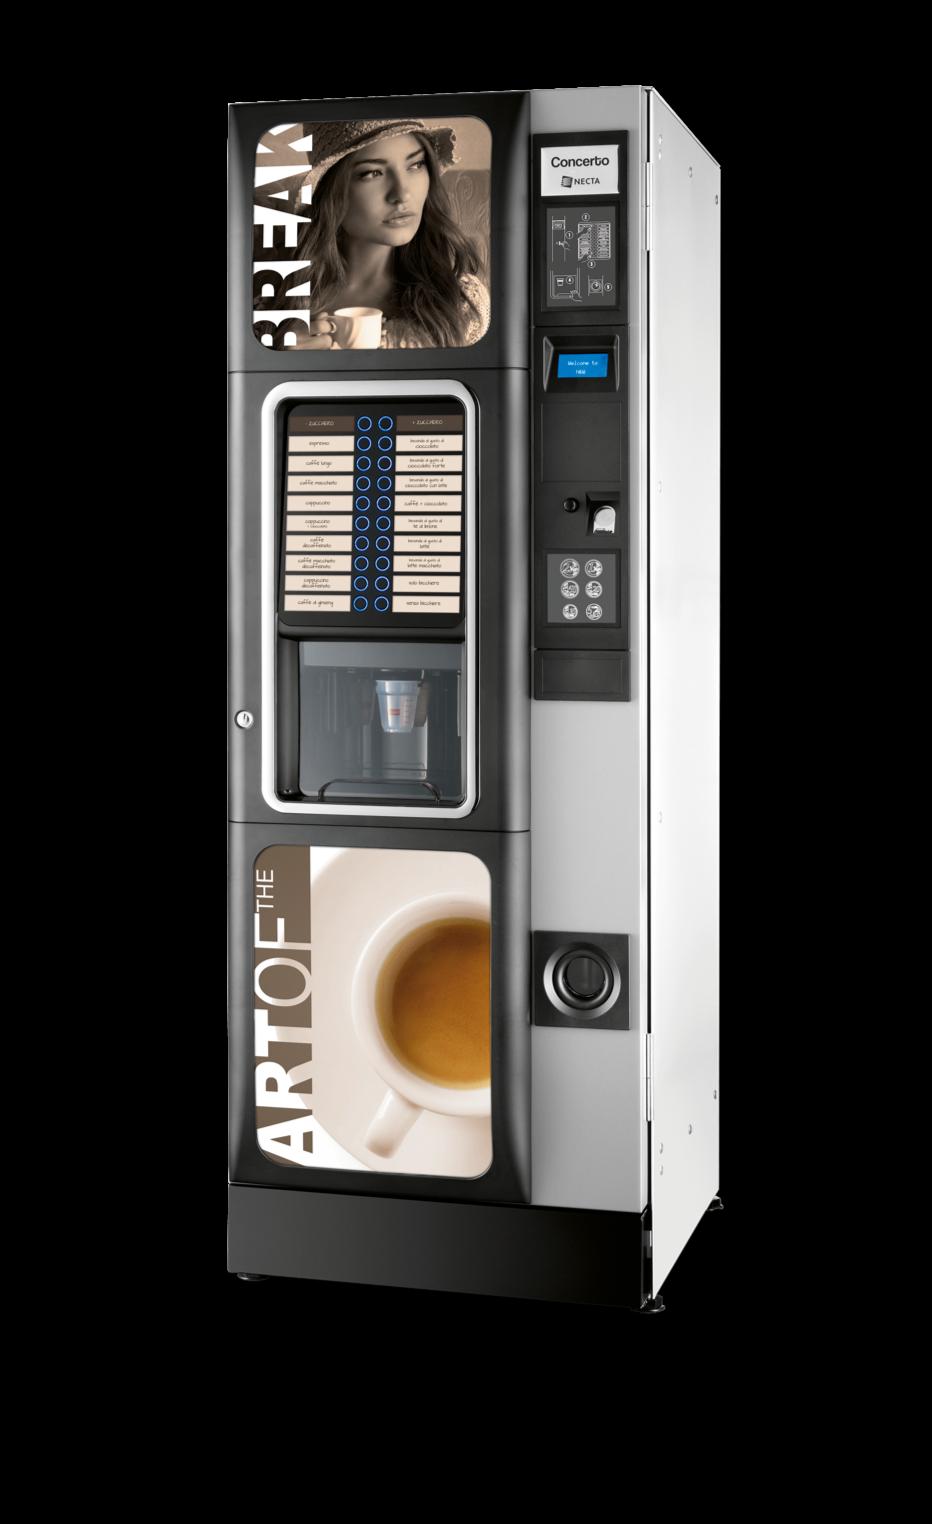 Máquina Vending Café y Bebidas Calientes: CONCERTO